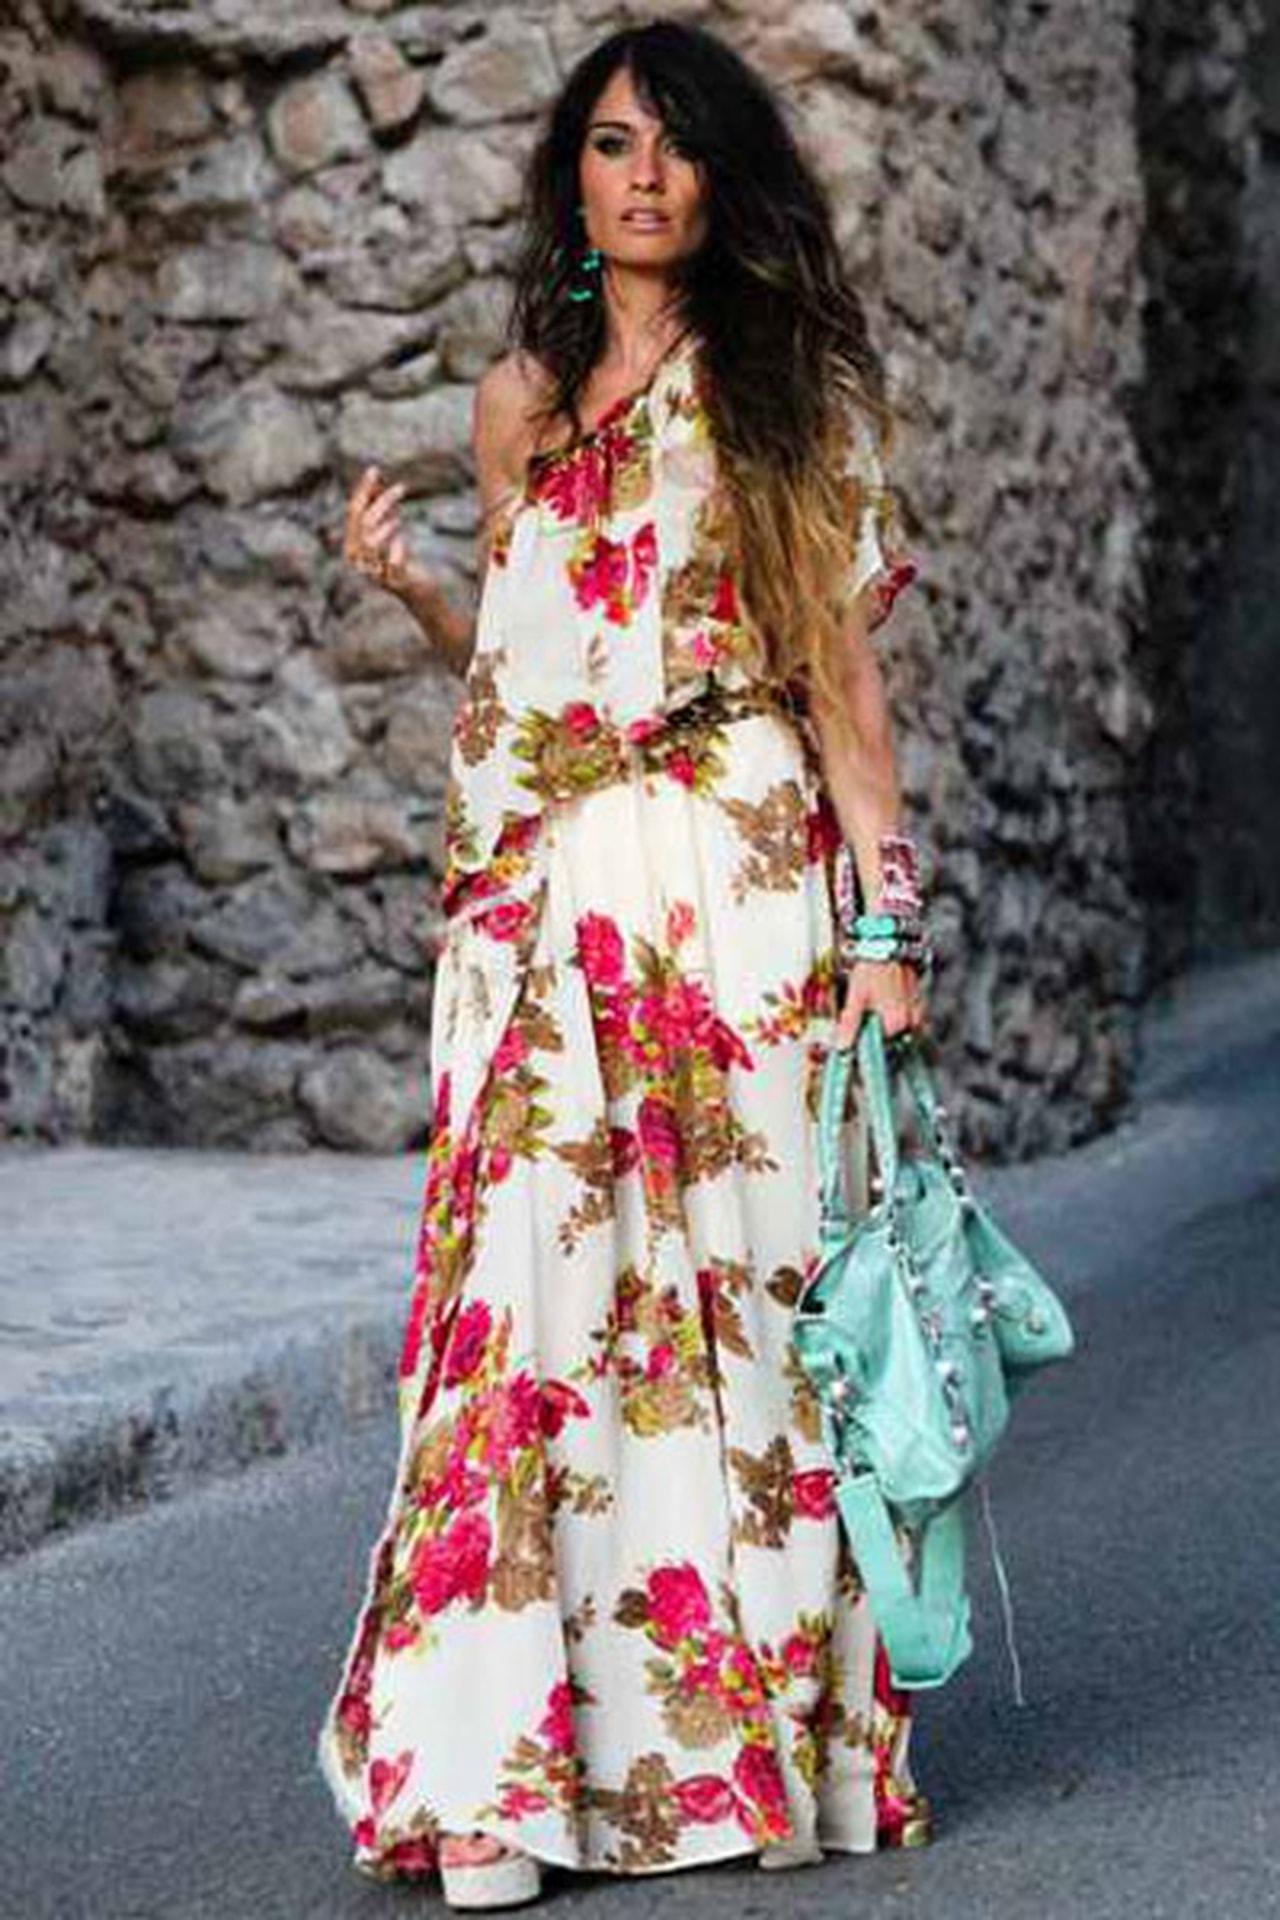 بالصور ملابس الصيف , ملابس صيفيه خفيفه 3667 5